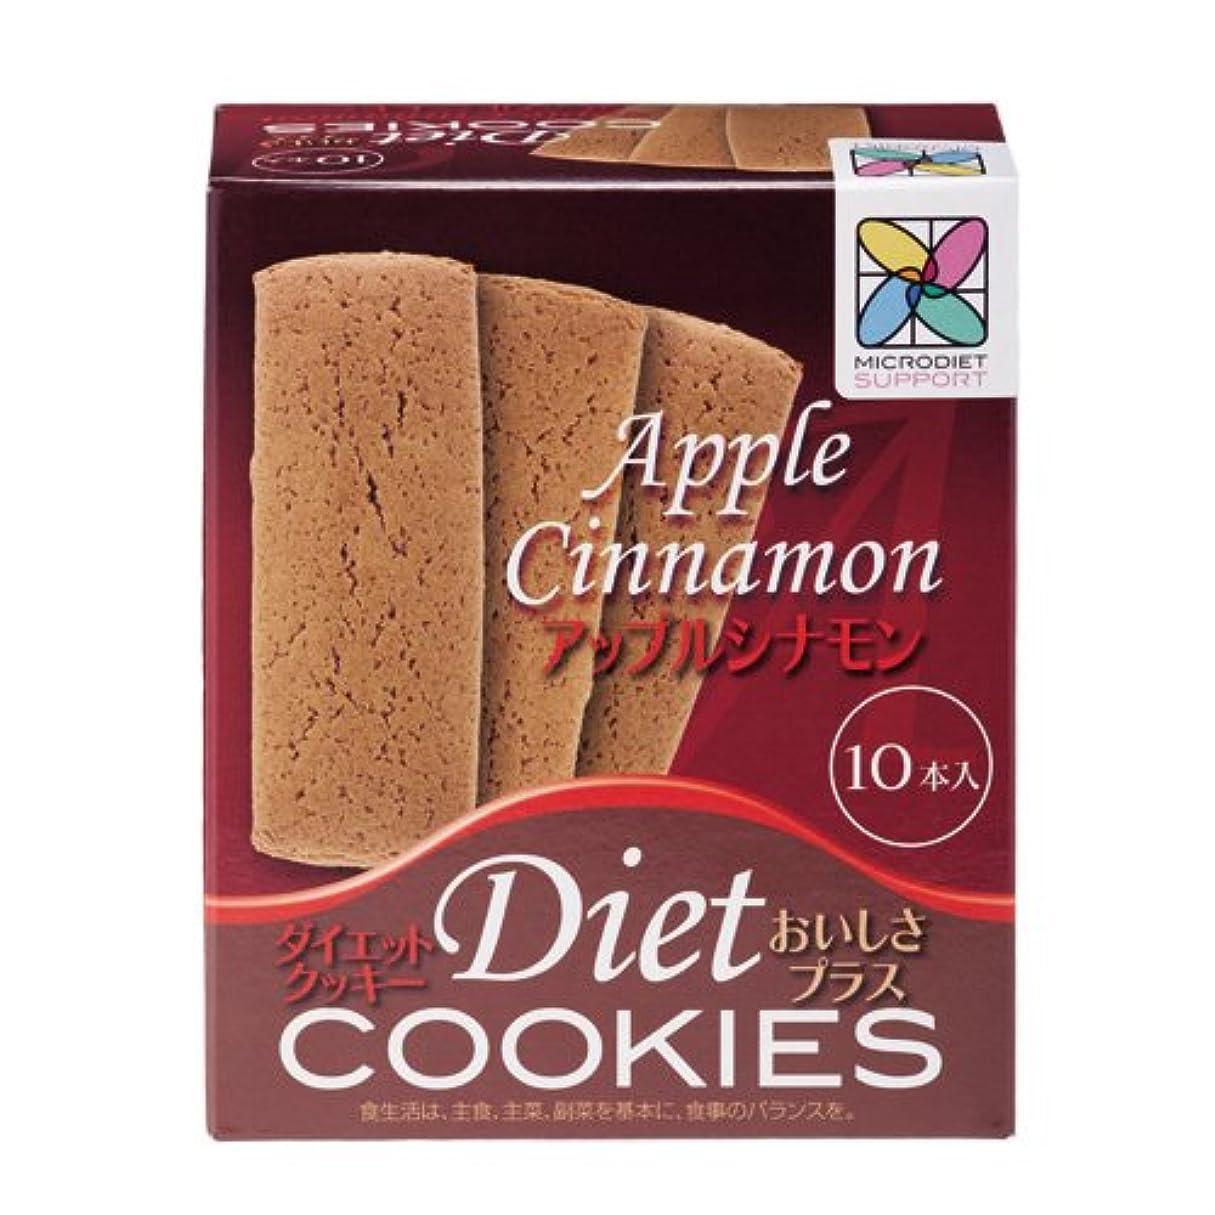 関与する聖なる自転車ダイエットクッキーおいしさプラス(アップルシナモン:1箱)(03754)